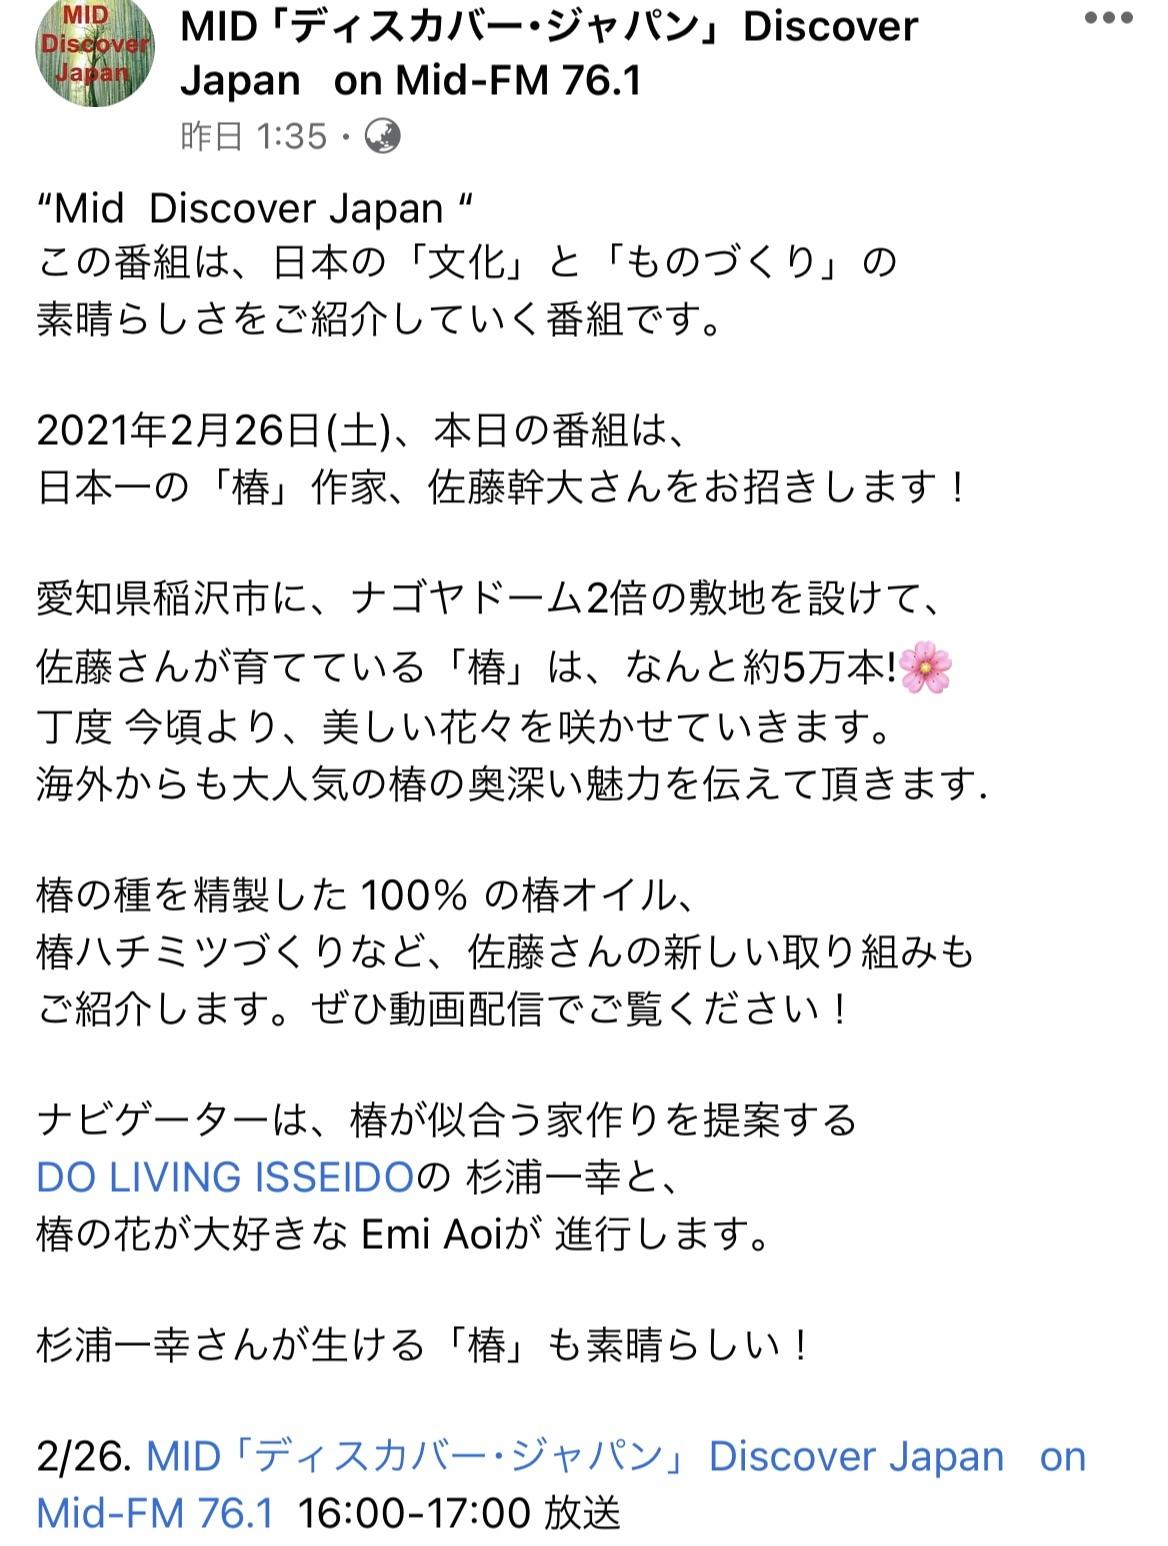 ラジオ ディスカバー・ジャパン!_f0373339_10090835.jpeg